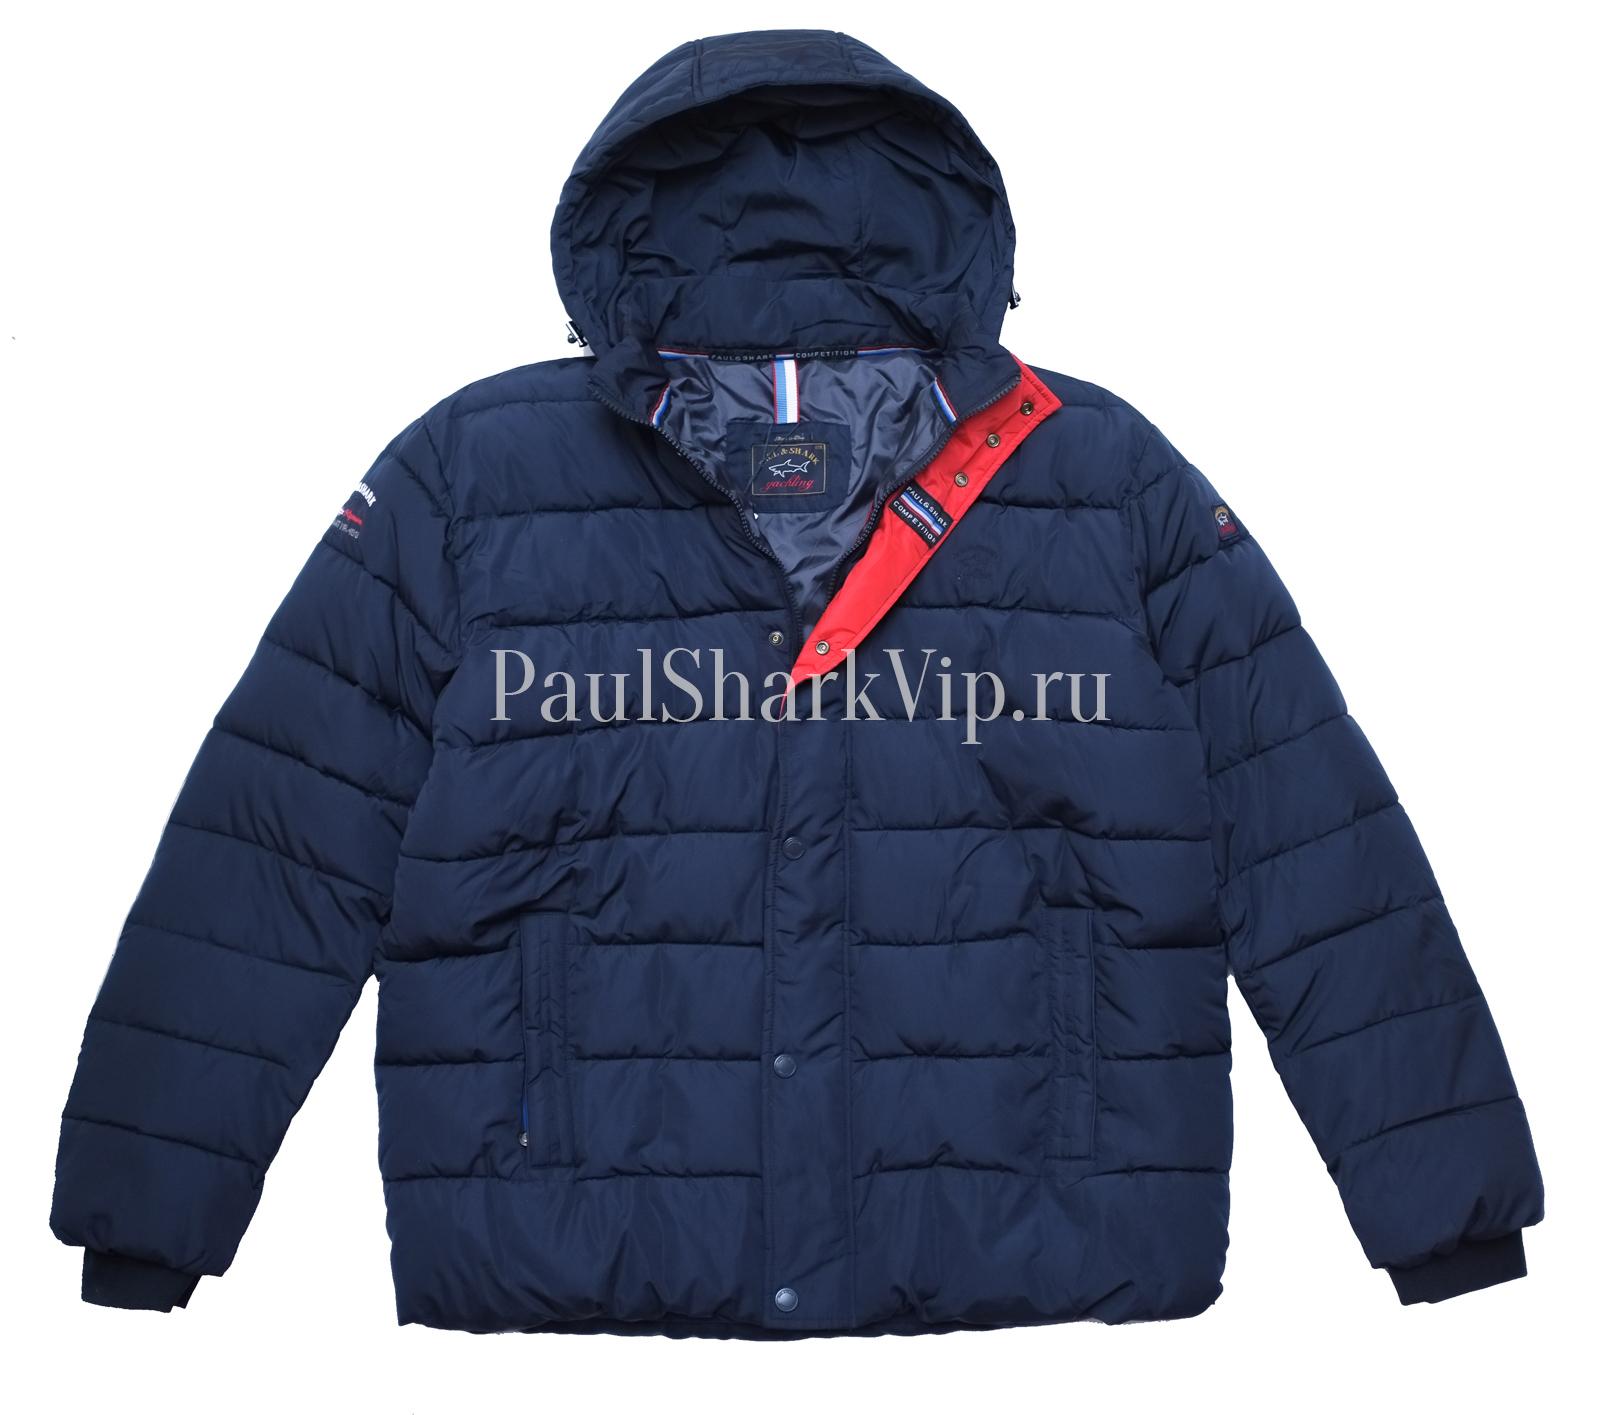 Зимняя куртка на синтепоне | 52/56